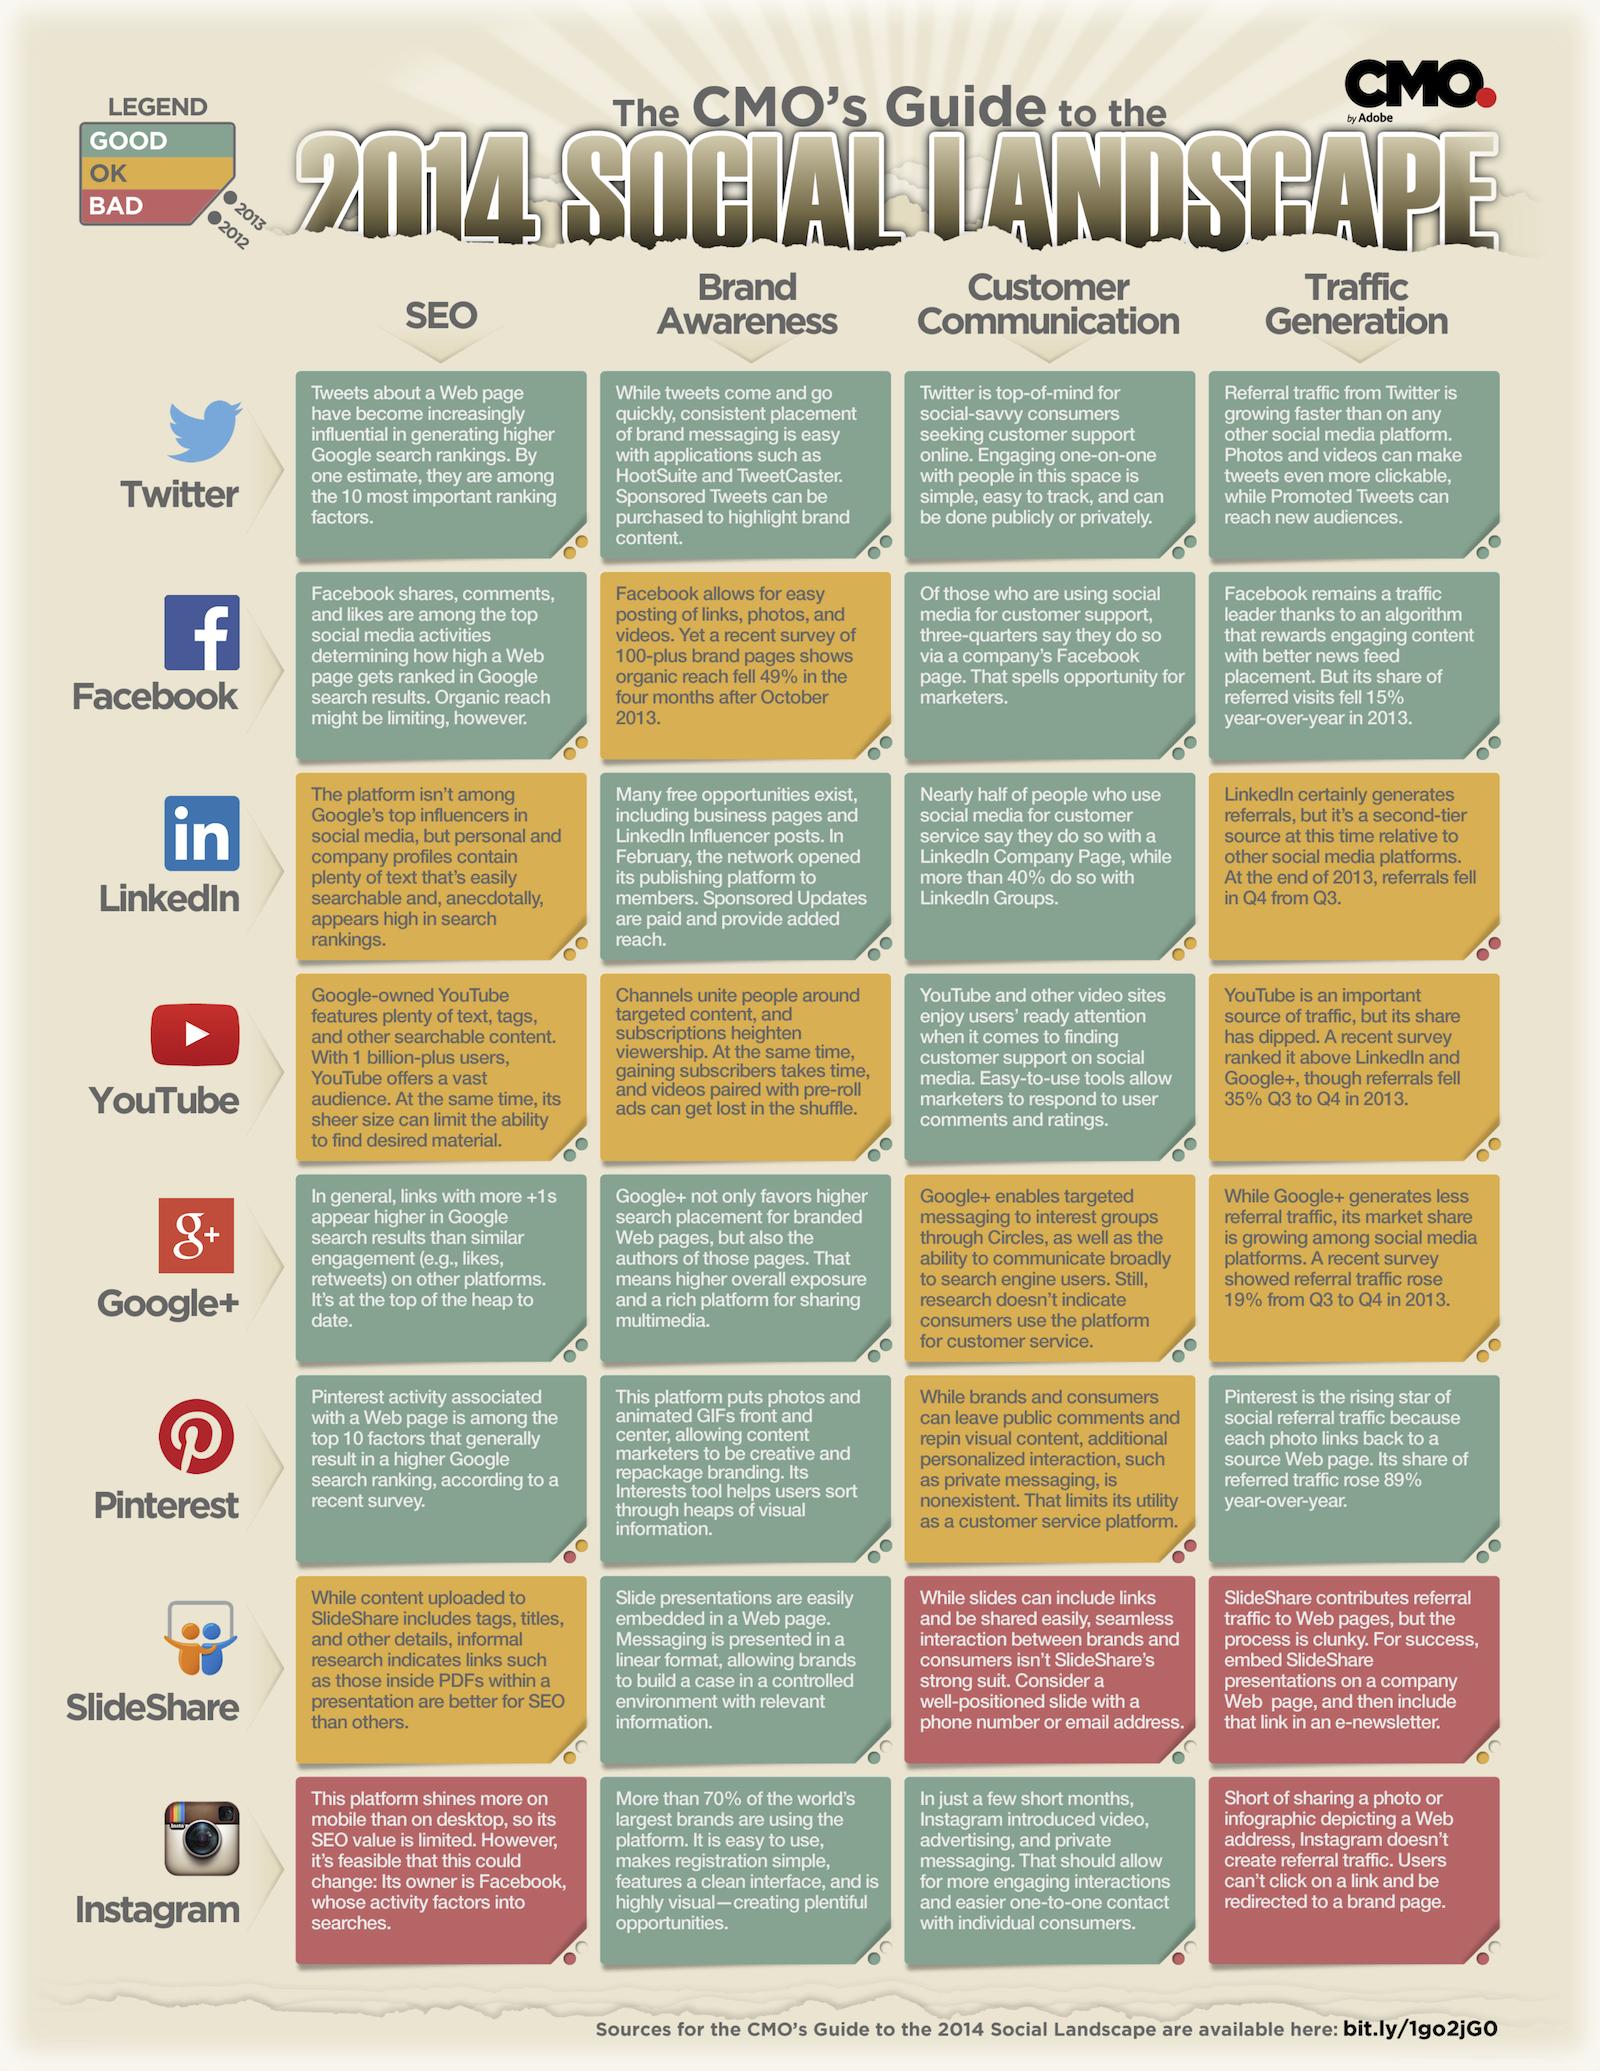 Stratégies sur les réseaux sociaux: Facebook, Twitter, Google+, Pinterest, LinkedIn et Instagram